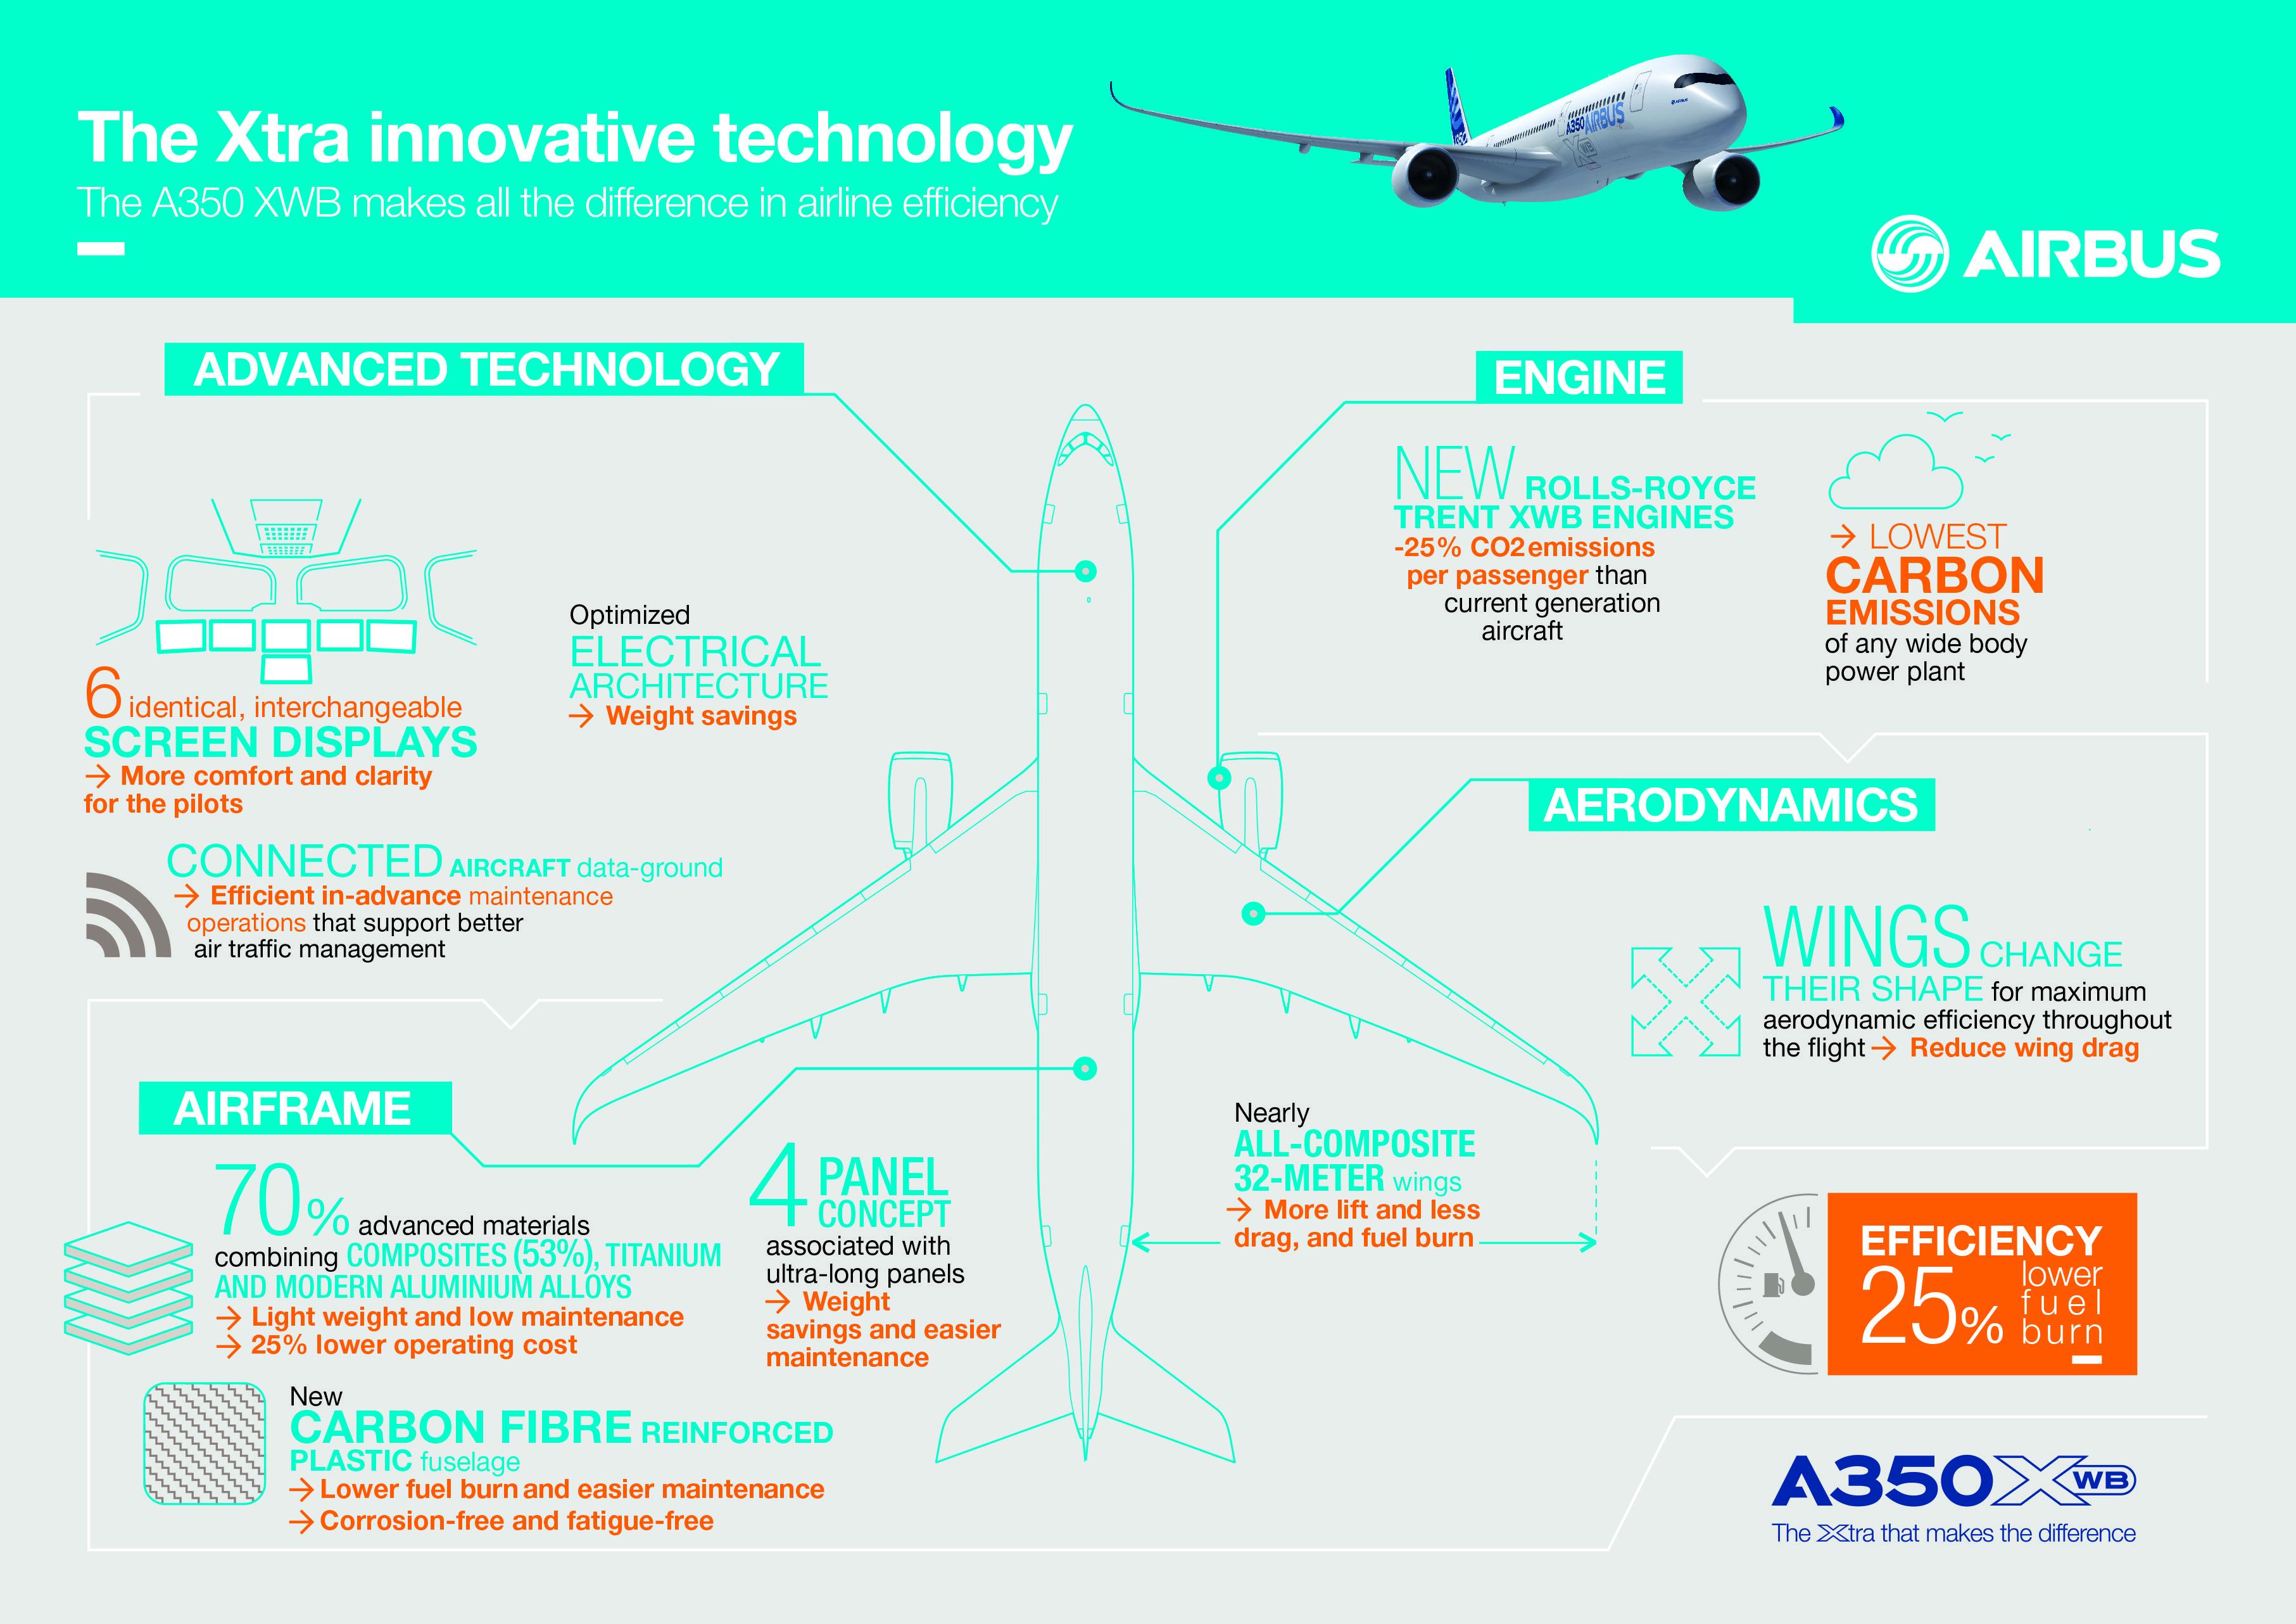 Airbus präsentiert in einer Infografik einige der im Airbus A350 XWB eingesetzten neuen Technologien.